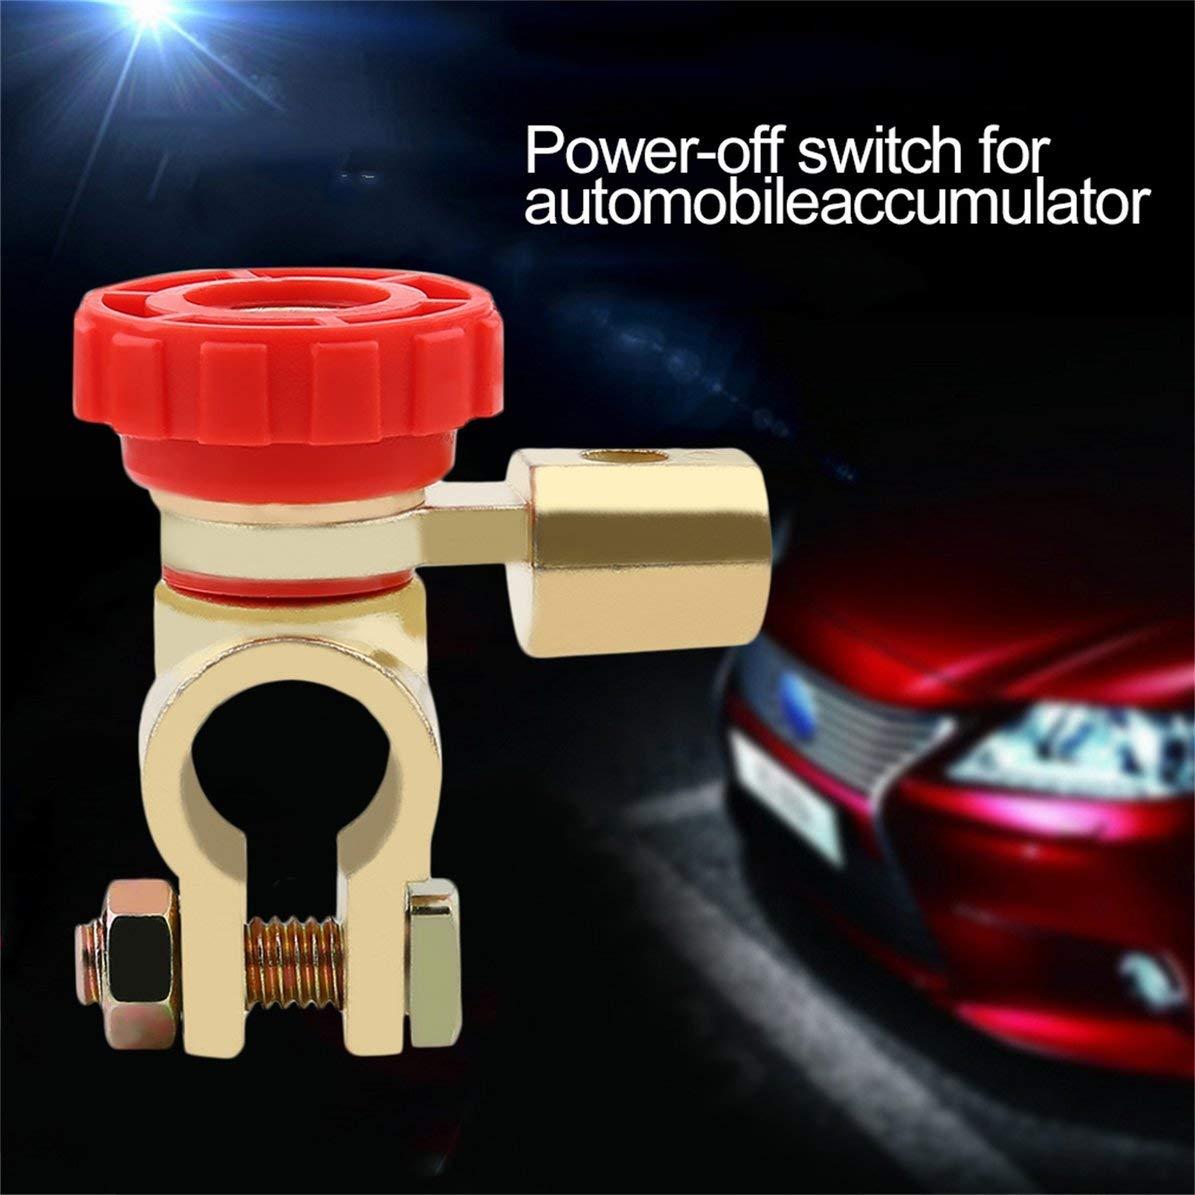 WEIWEITOE 1 unids Universal Bater/ía de Coche Interruptor de Enlace Interruptor Corte R/ápido Desconexi/ón Negro Rojo Cabeza Coche Cami/ón Auto Parts Accesorio Color Rojo y Oro,